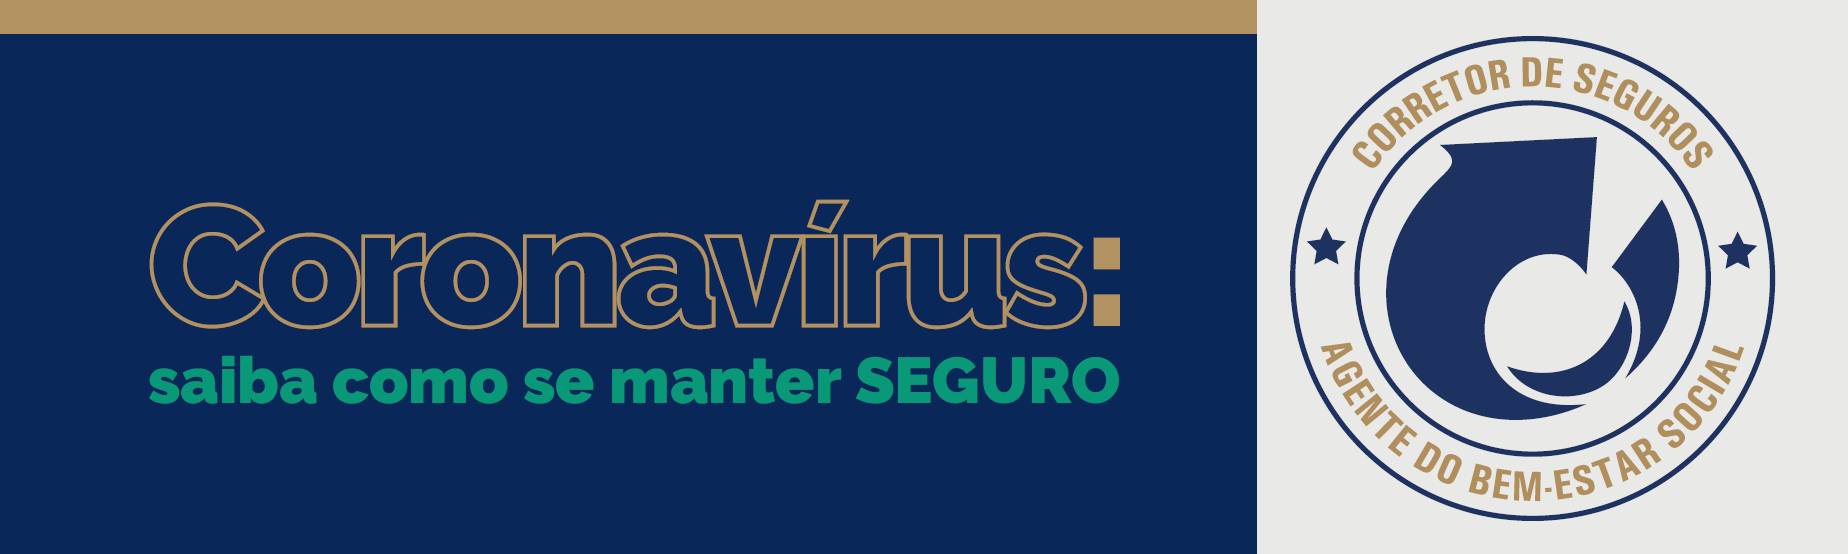 campanha_coronavirus